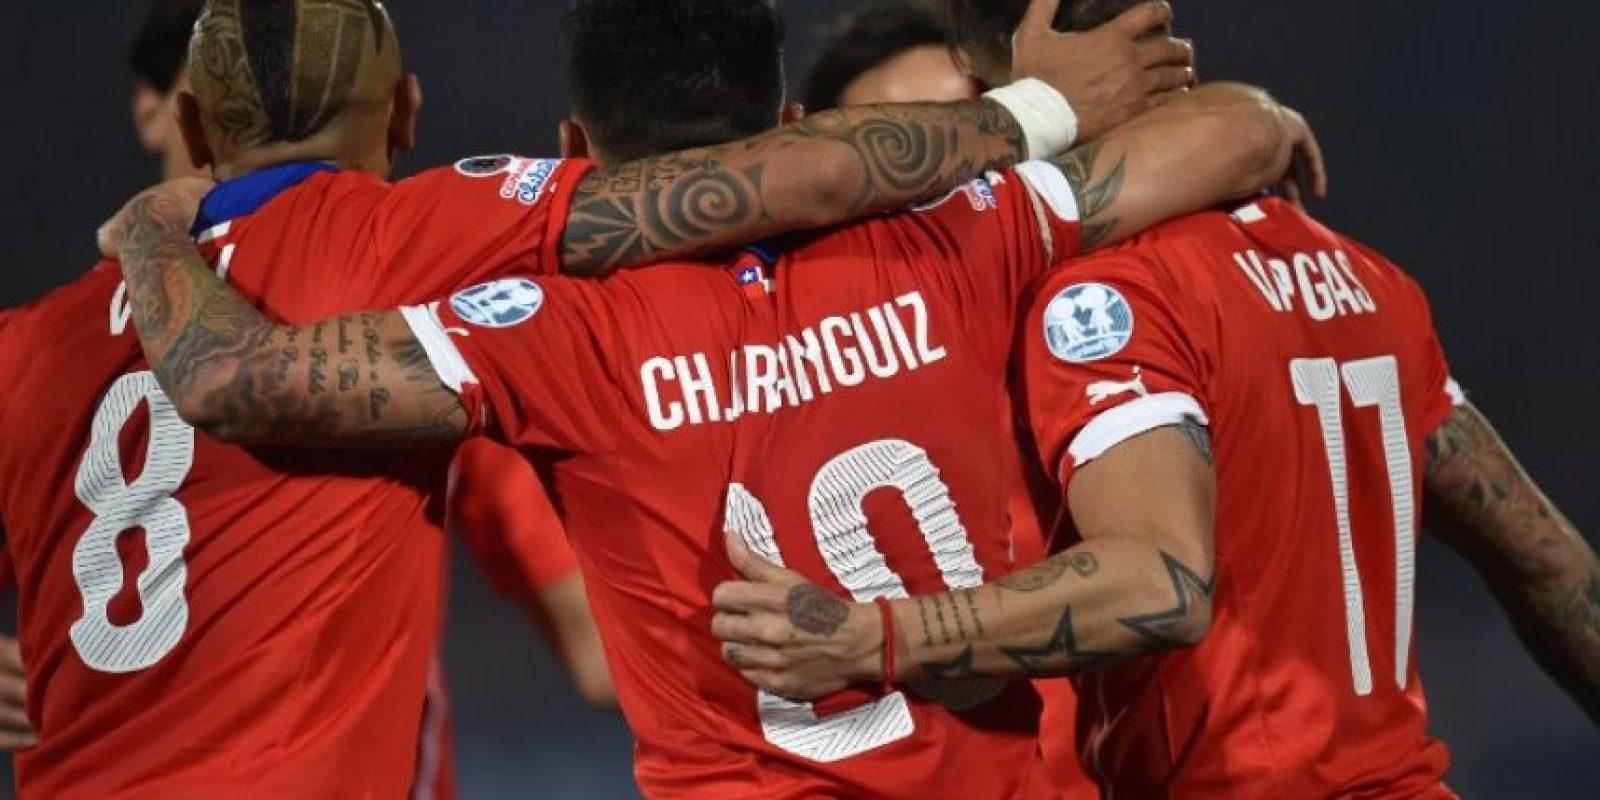 La única vez que Chile superó a Argentina fue el 15 de octubre de 2008, en un partido de eliminatoria rumbo al Mundial de Sudáfrica 2010 Foto:AFP